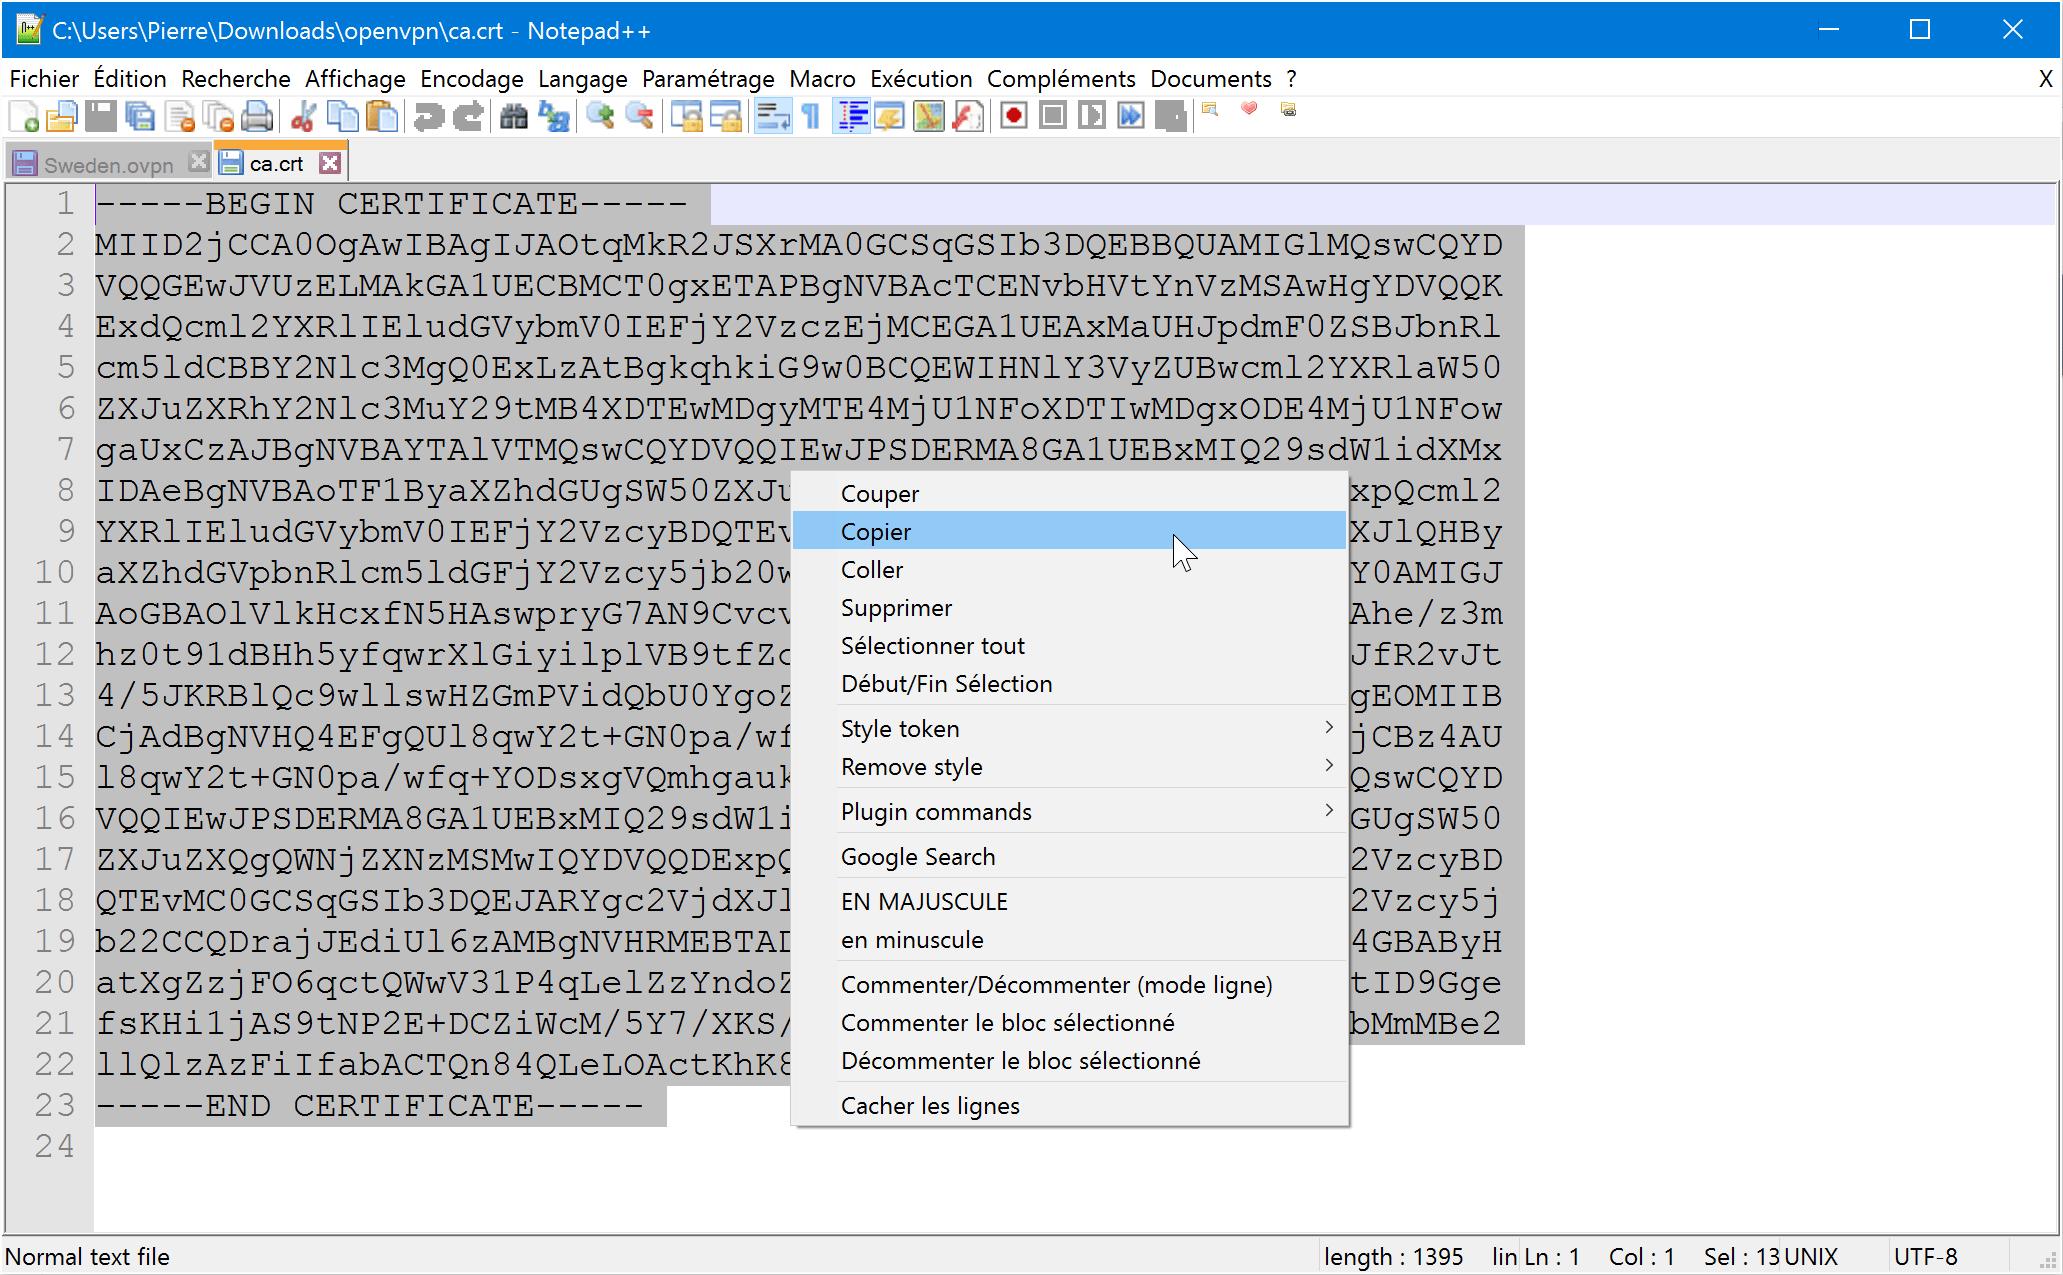 configurer-le-client-vpn-de-la-freebox-copier-ca-crt